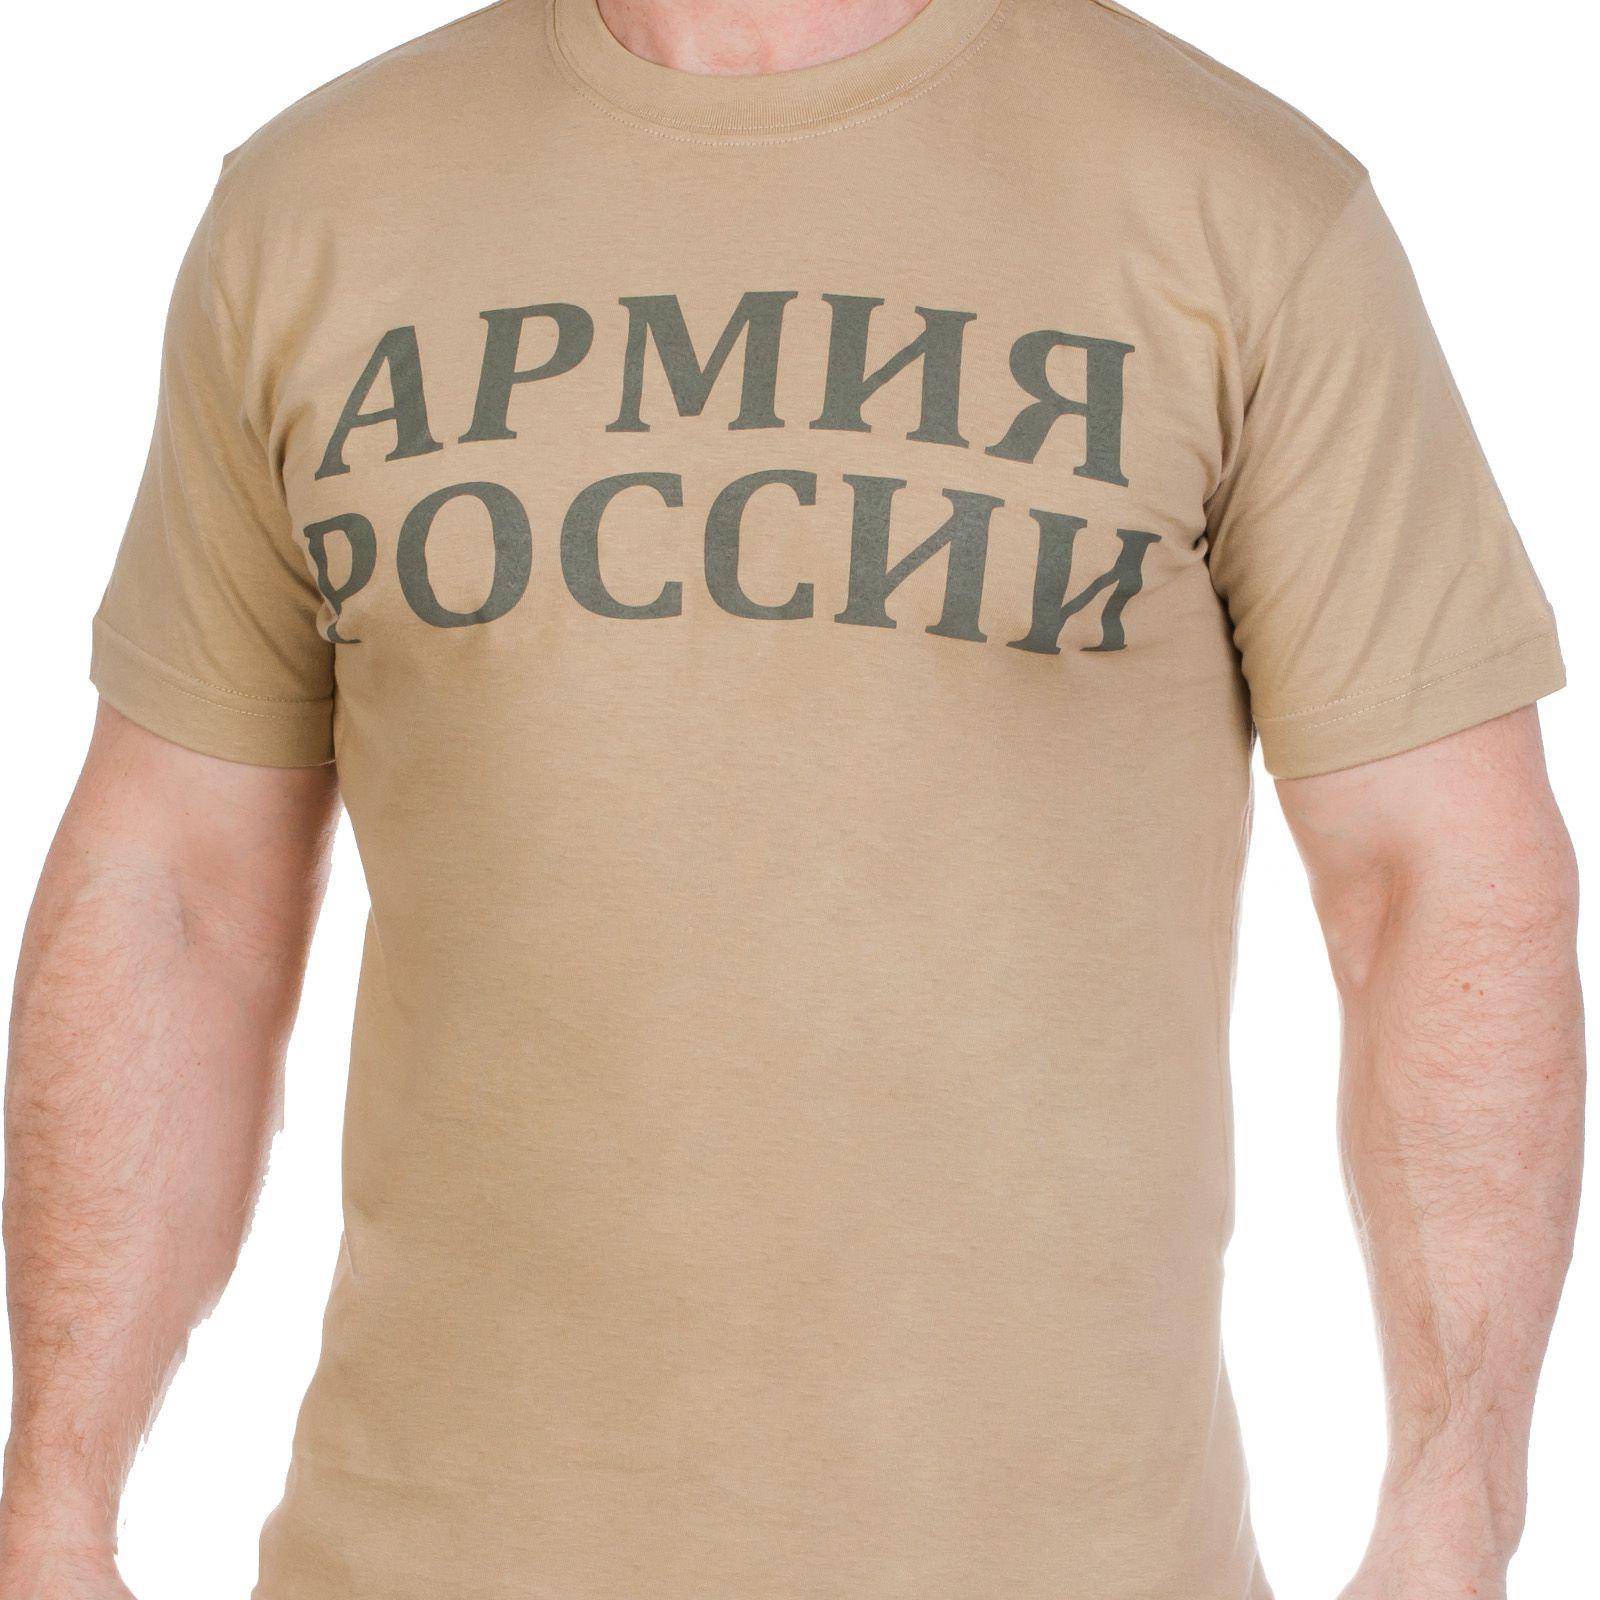 Футболка с тематикой Армия России